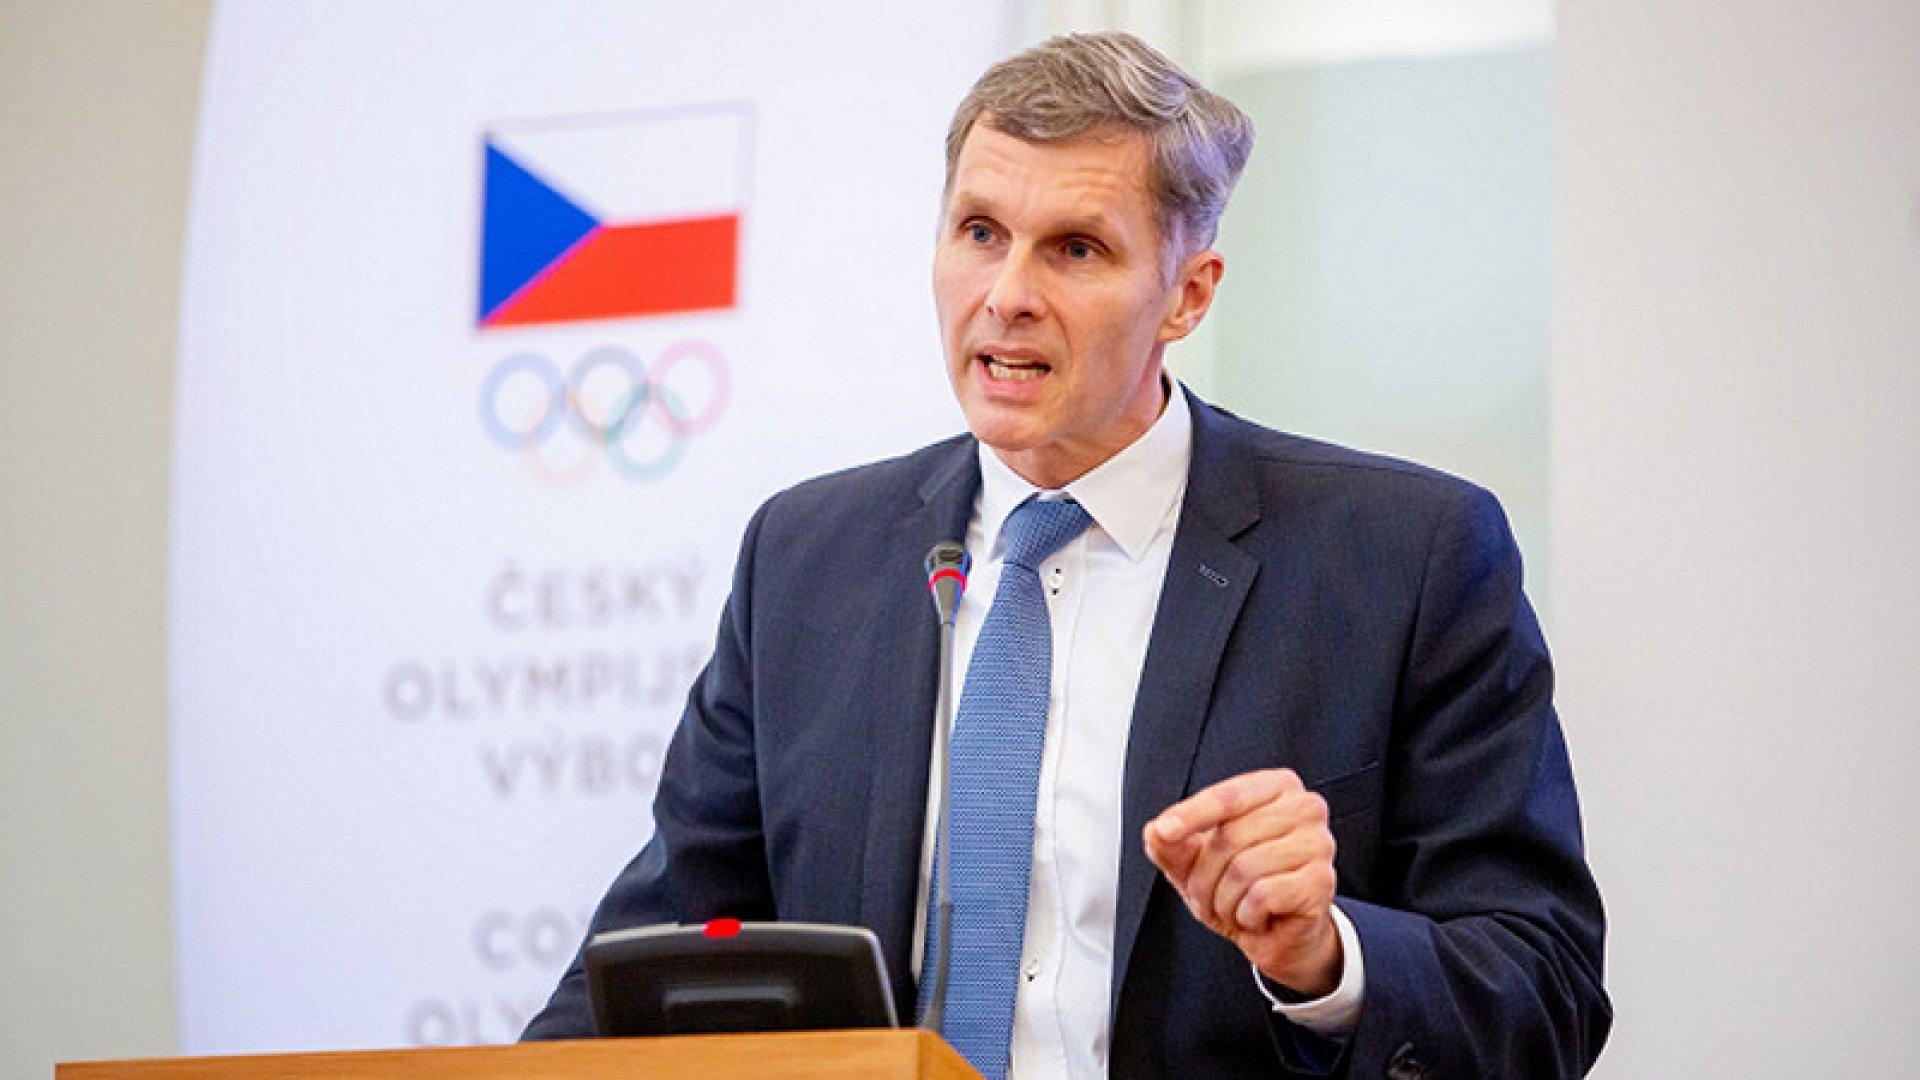 Špièky prosí ministra: Neberte lidem sport! Chystají pilotní projekt